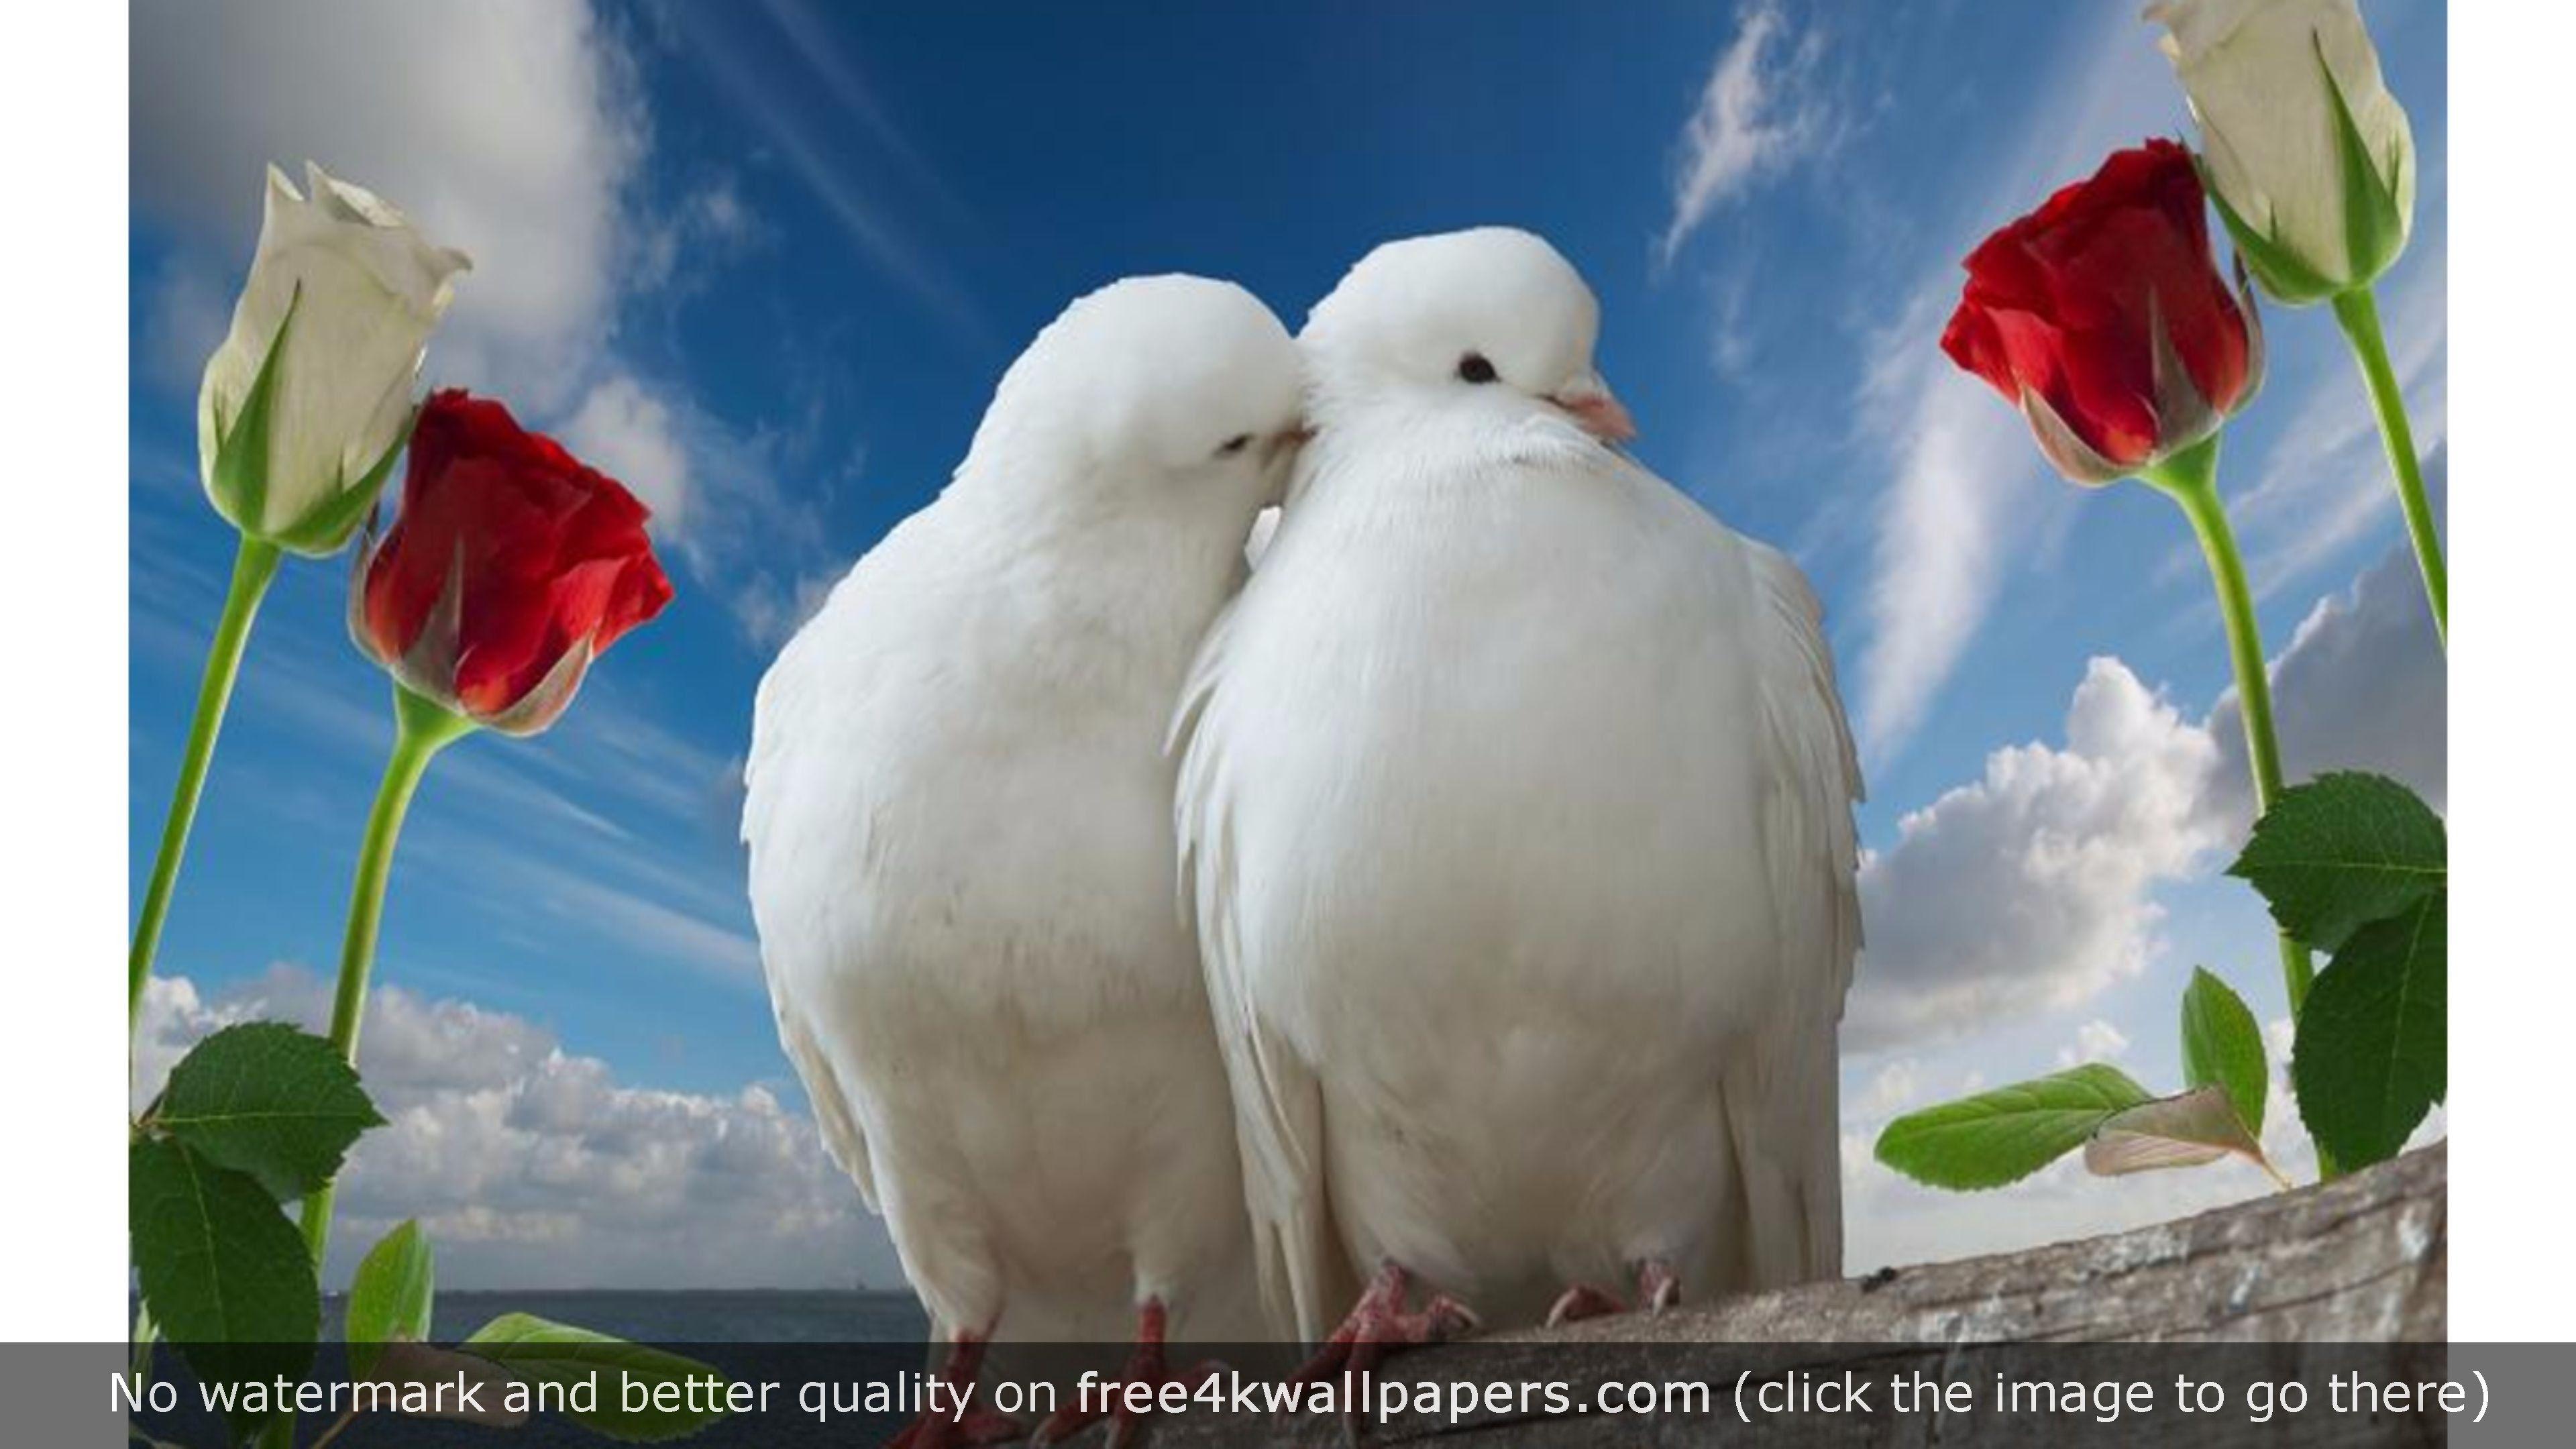 White Doves Love 4k Wallpaper Full Hd Love Wallpaper Love Birds Wallpaper Birds Pictures